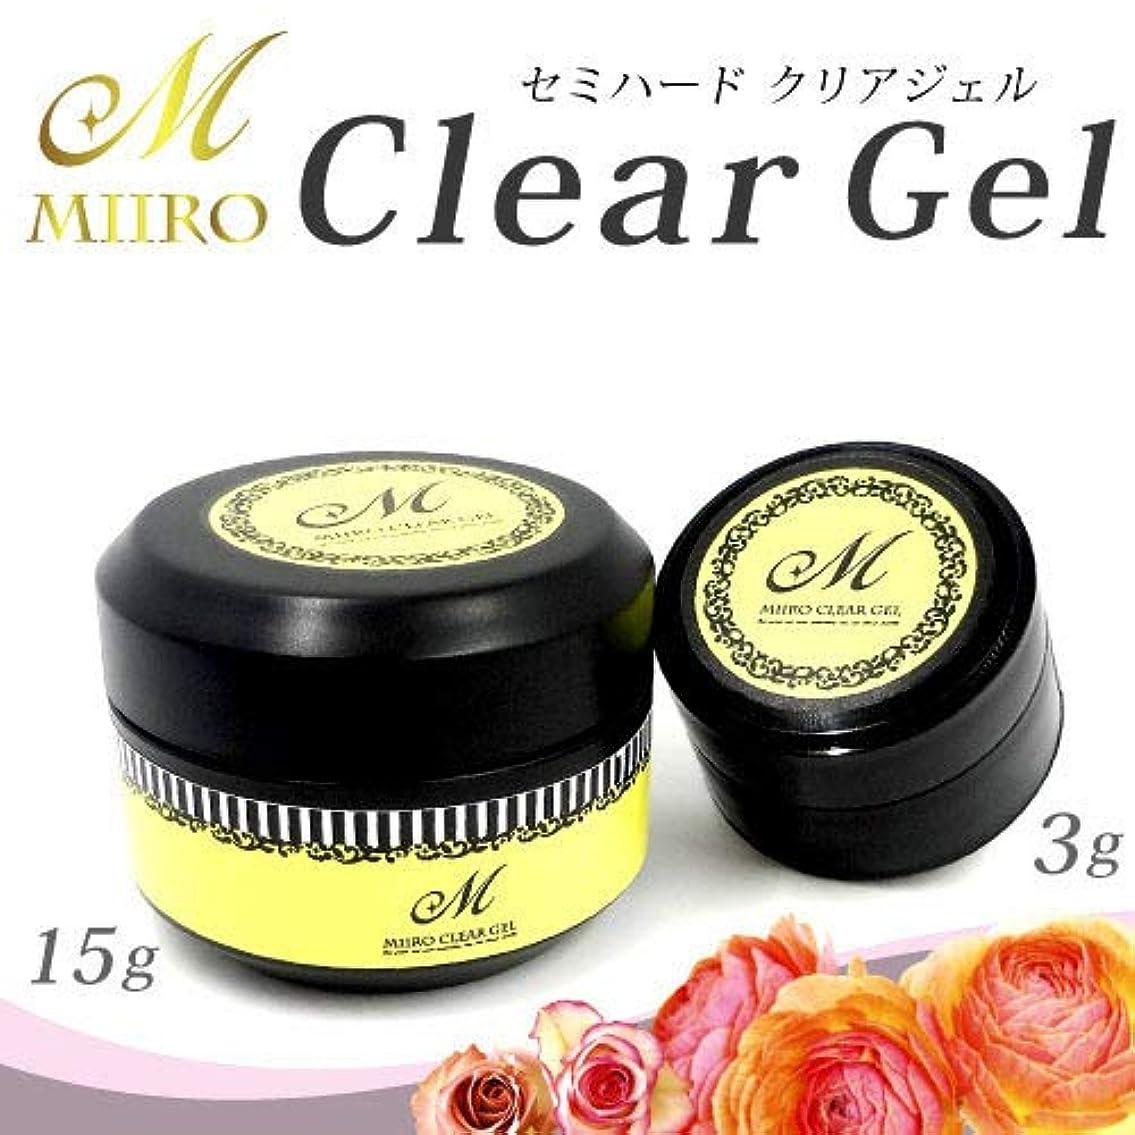 終点温度傾いたセミハードクリアジェル 美色 Miiro(3g)UV&LED対応